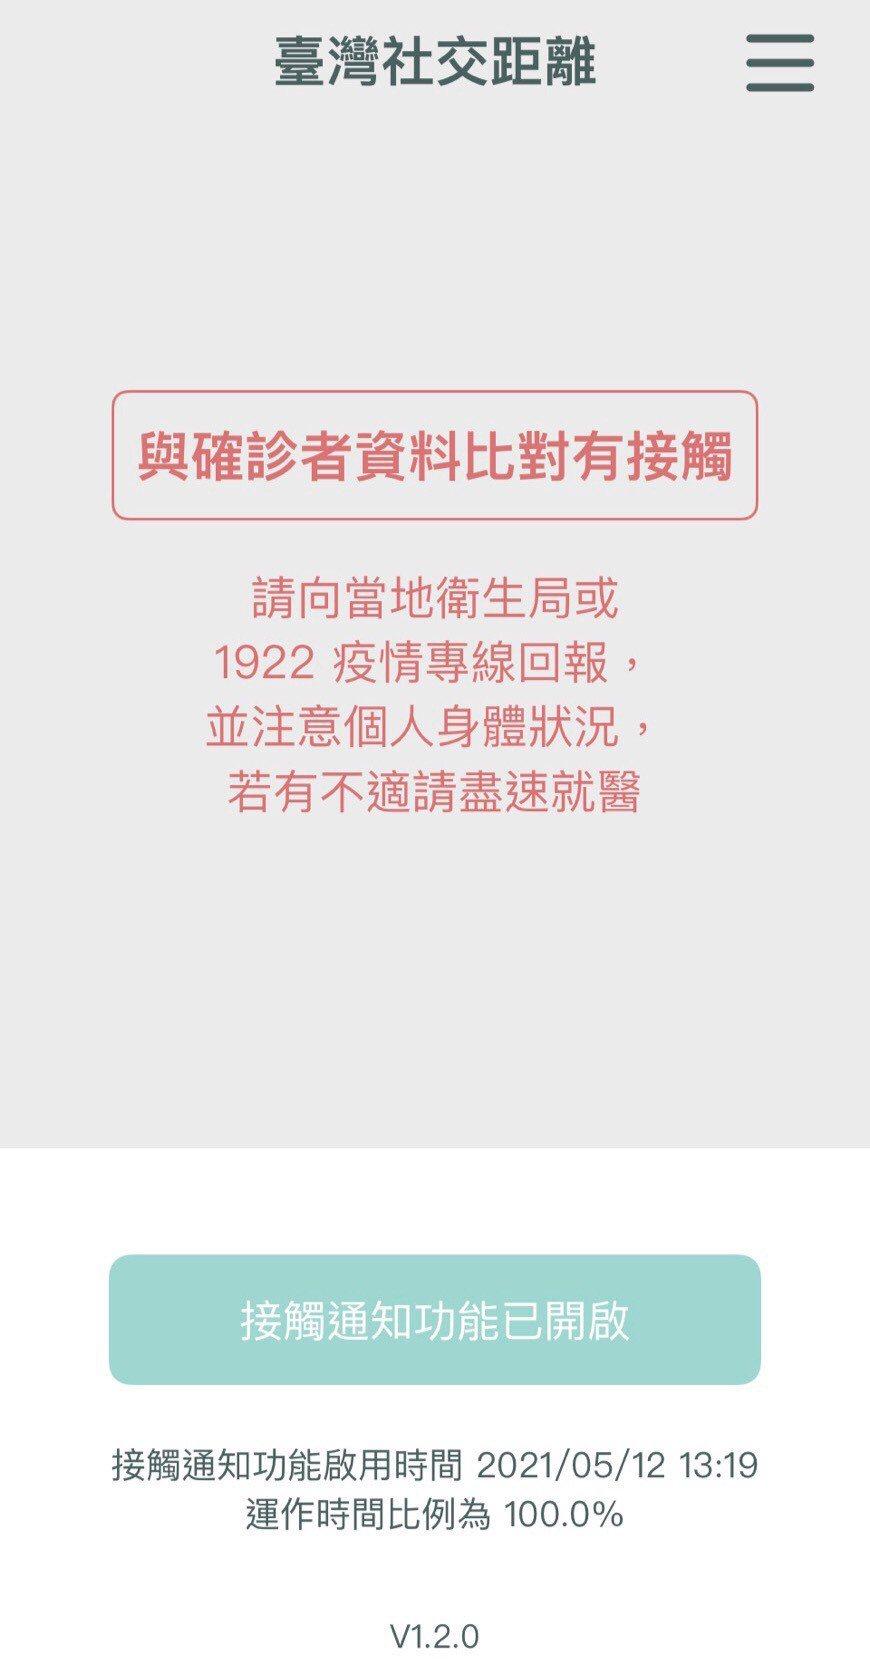 涂晨洋收到App通知他接觸過確診者。圖/水舞演藝提供